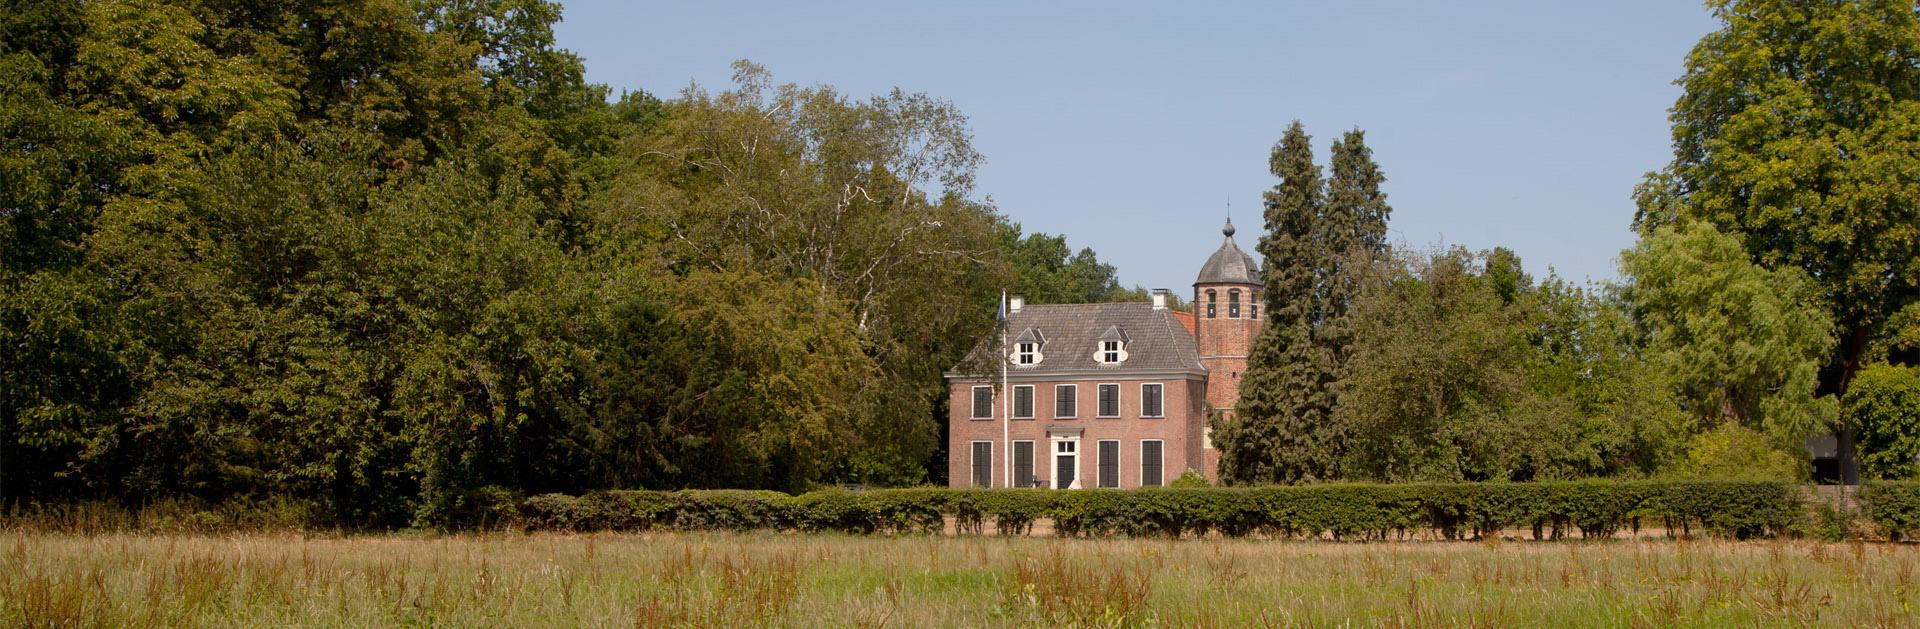 De Boetselaersborg - 's-Heerenberg Regio Achterhoek - Liemers